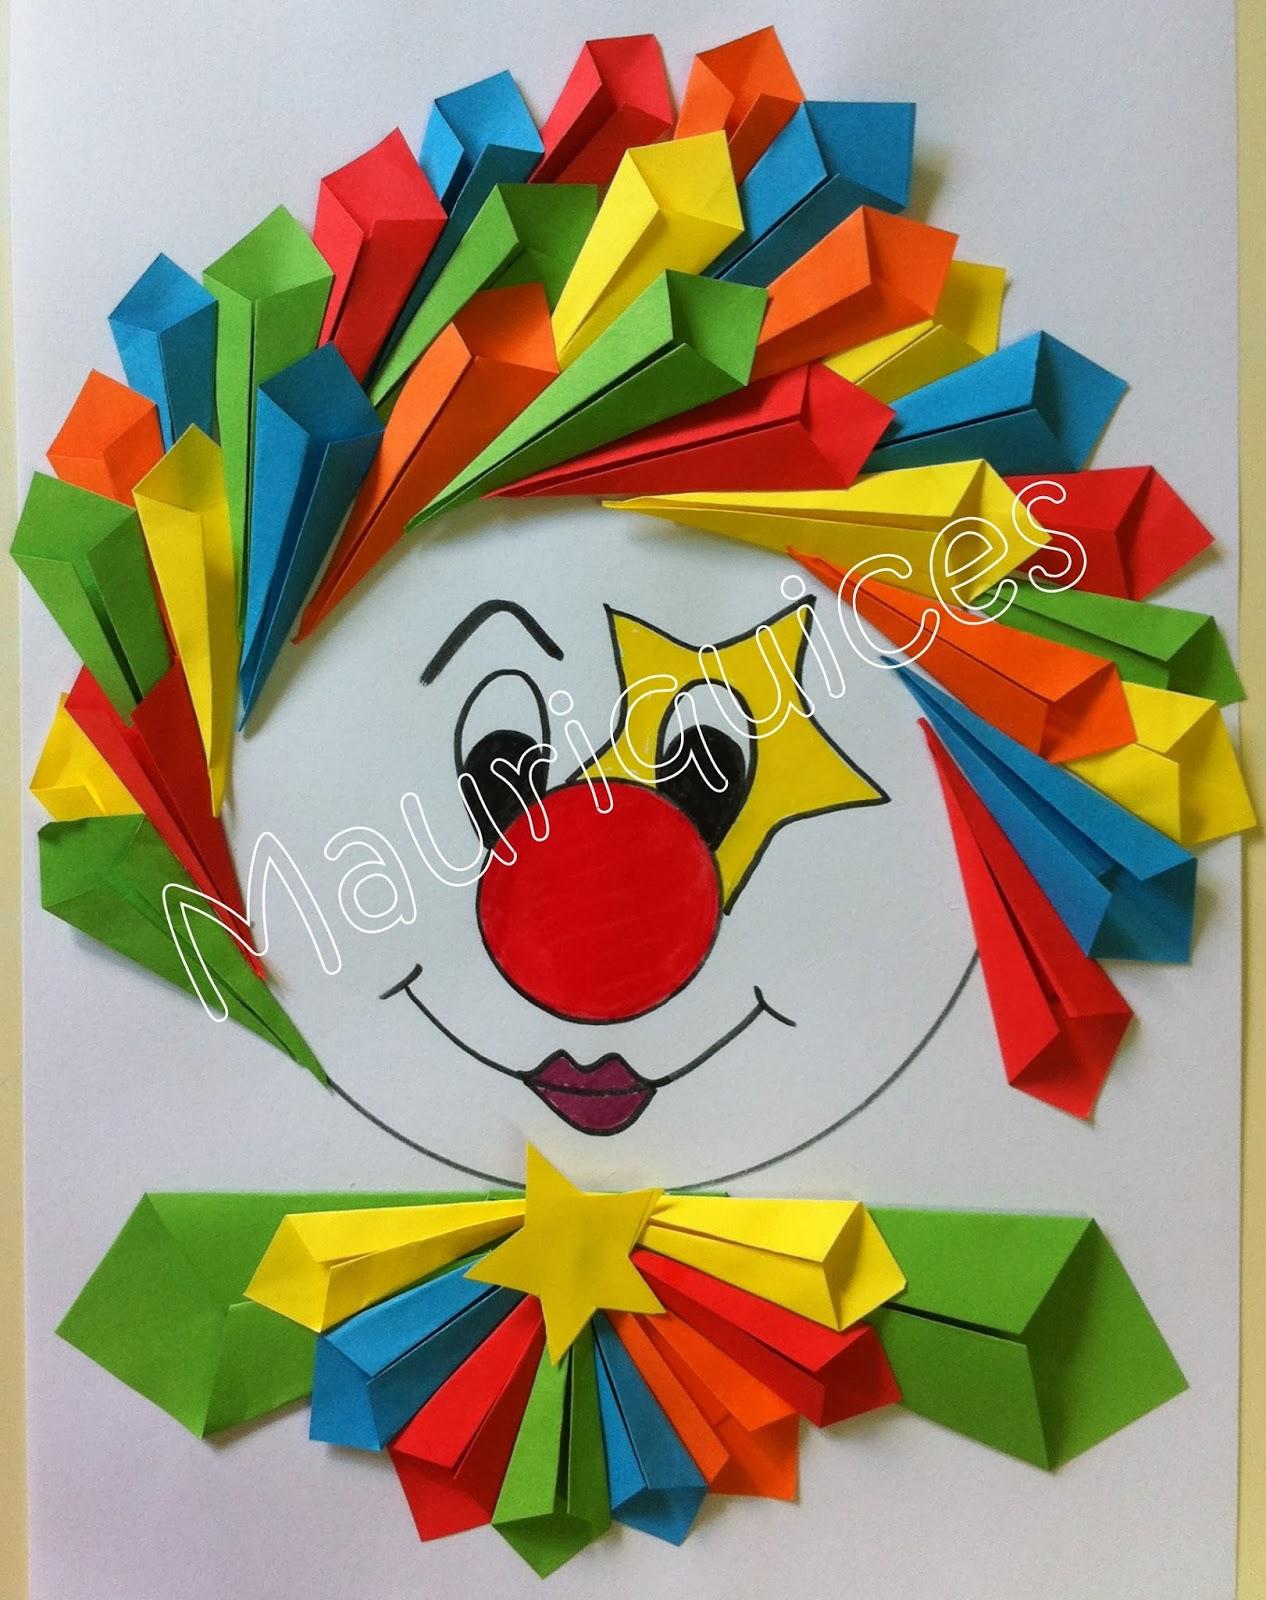 pagliaccio origami